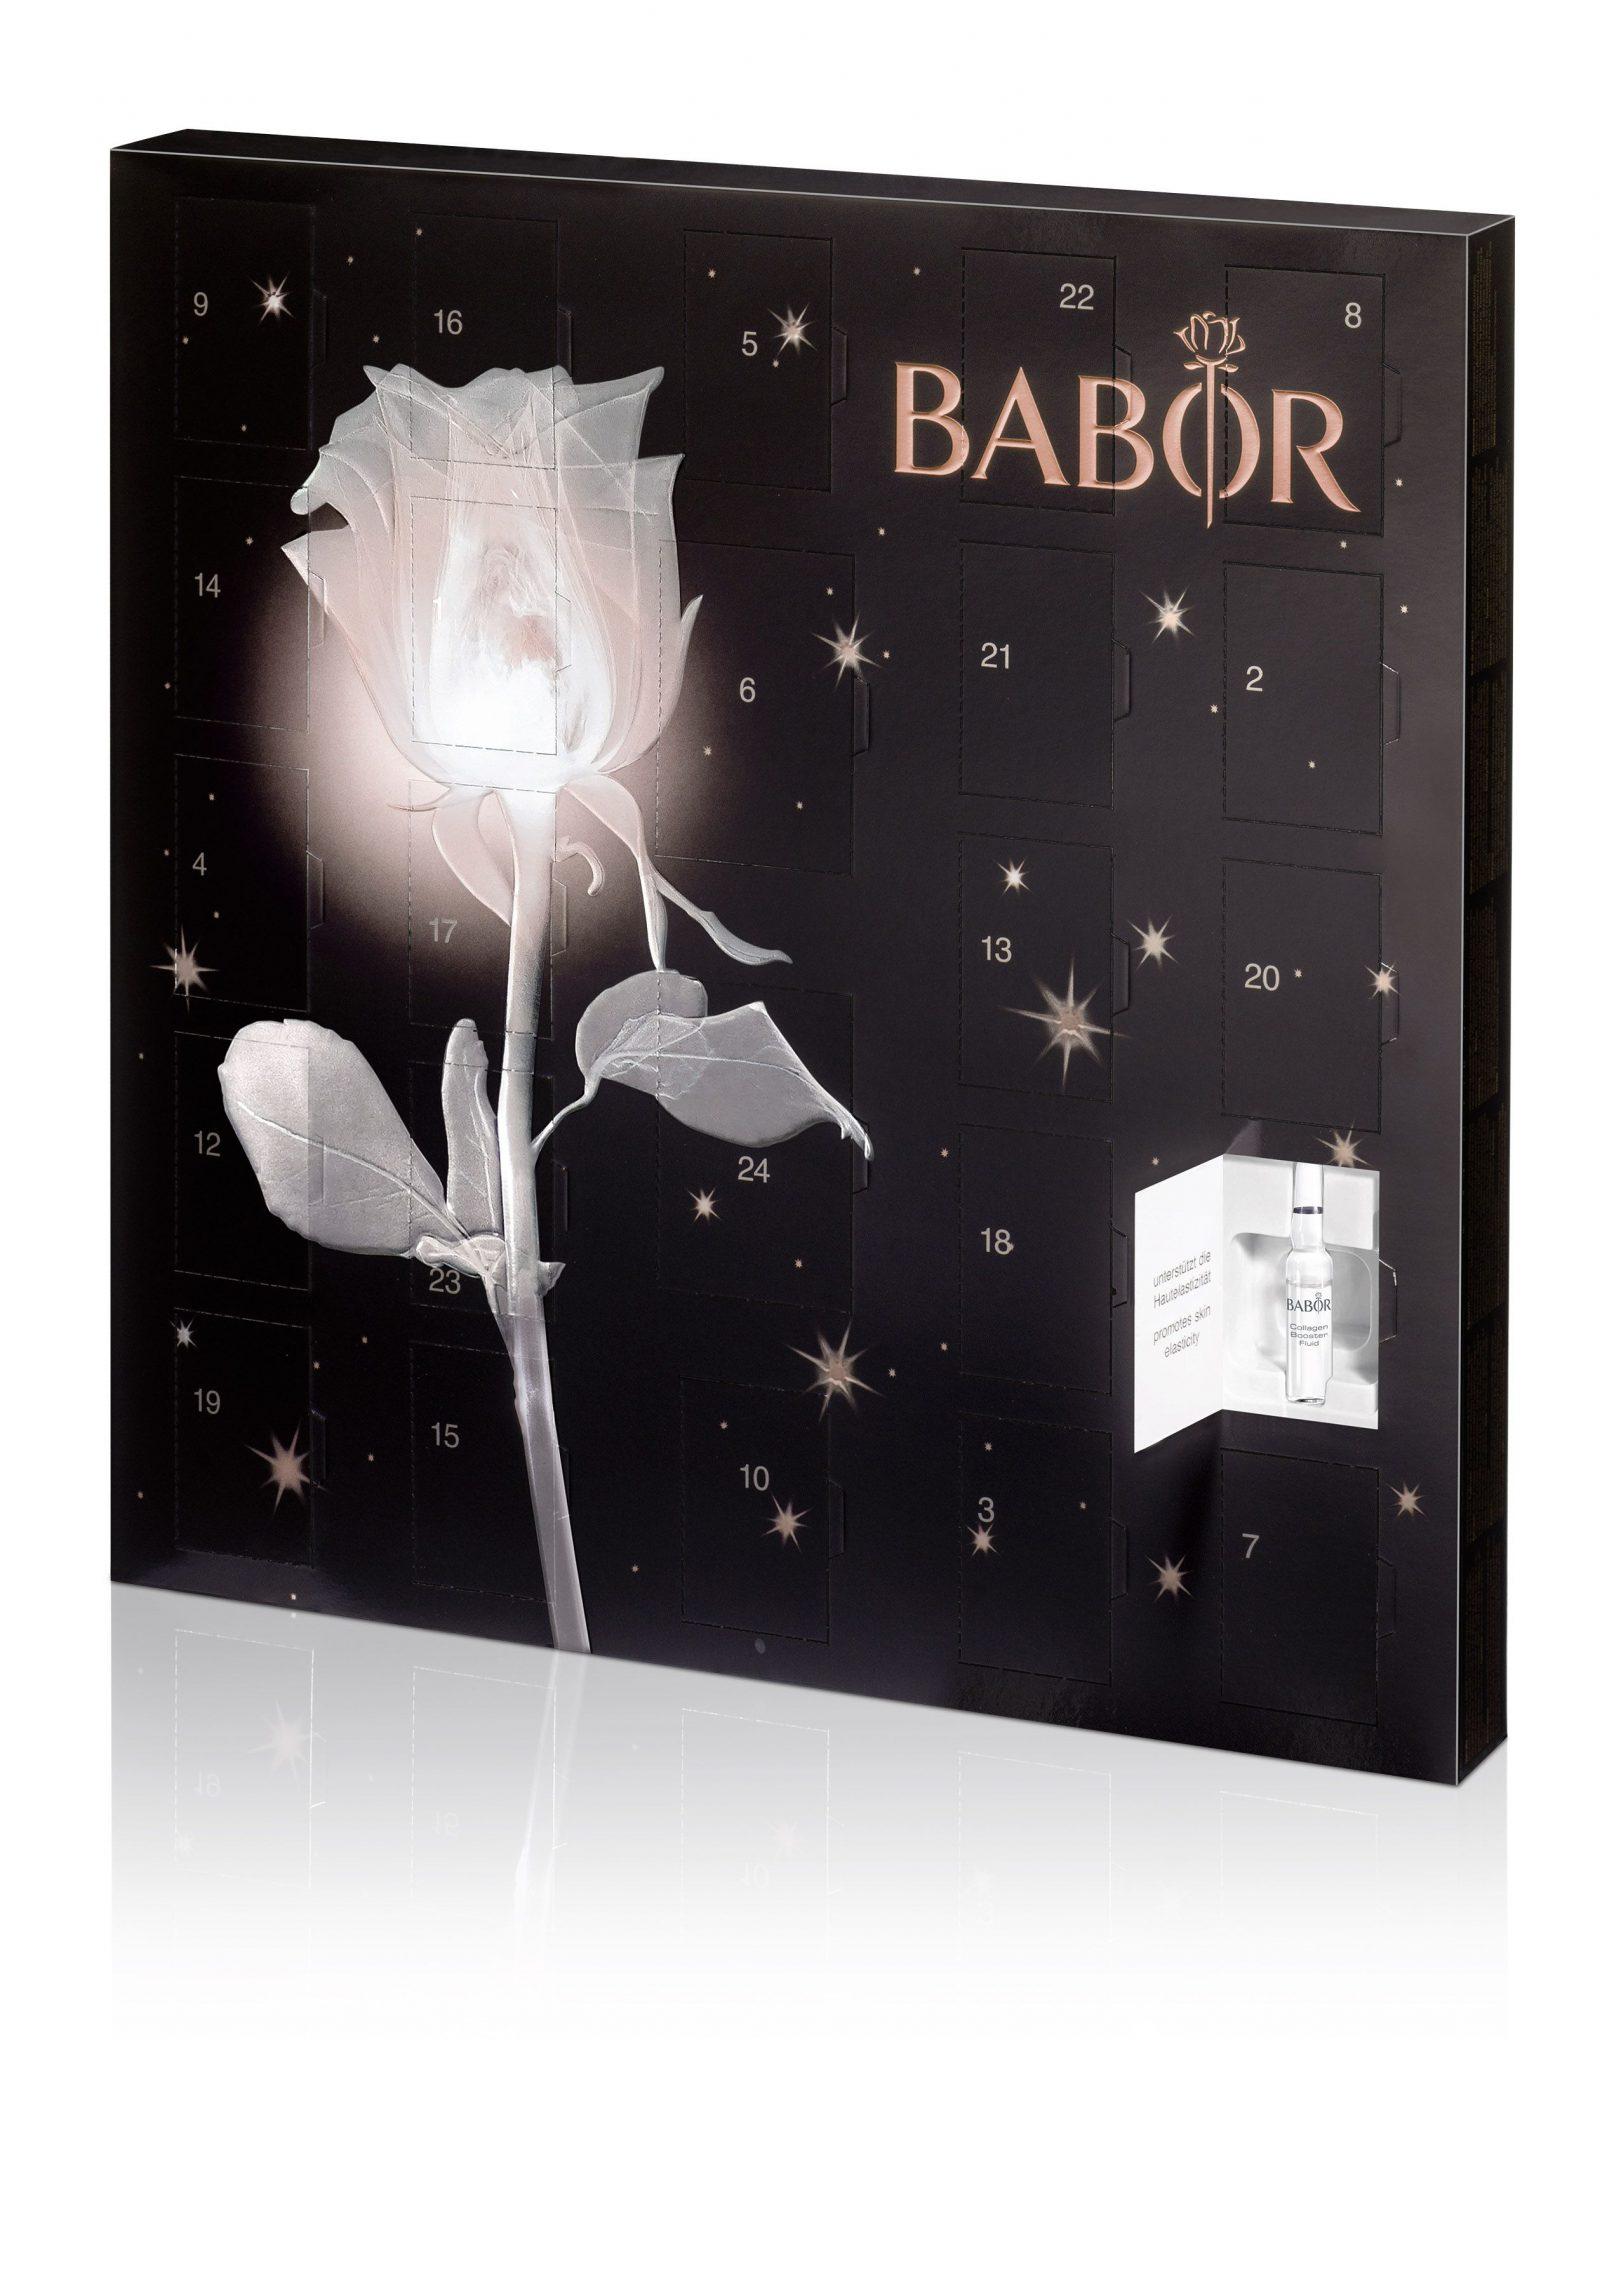 Kalendarz adwentowy BABORa - święta jeszcze nigdy nie były tak piękne…